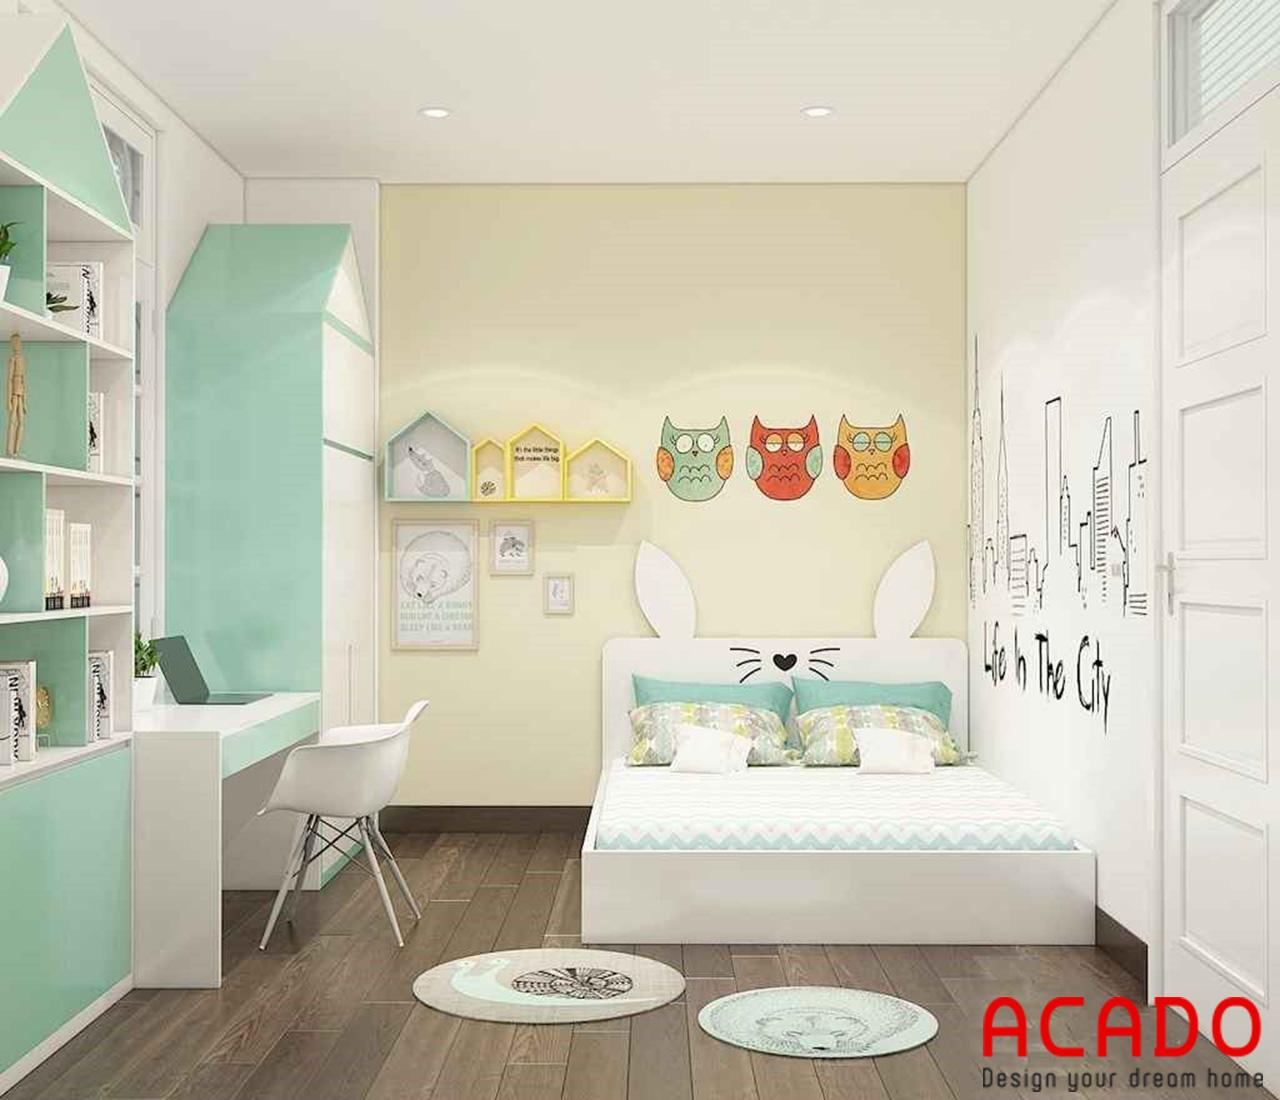 Thiết kế giường ngủ cho 2 bé trai - nội thất Acado